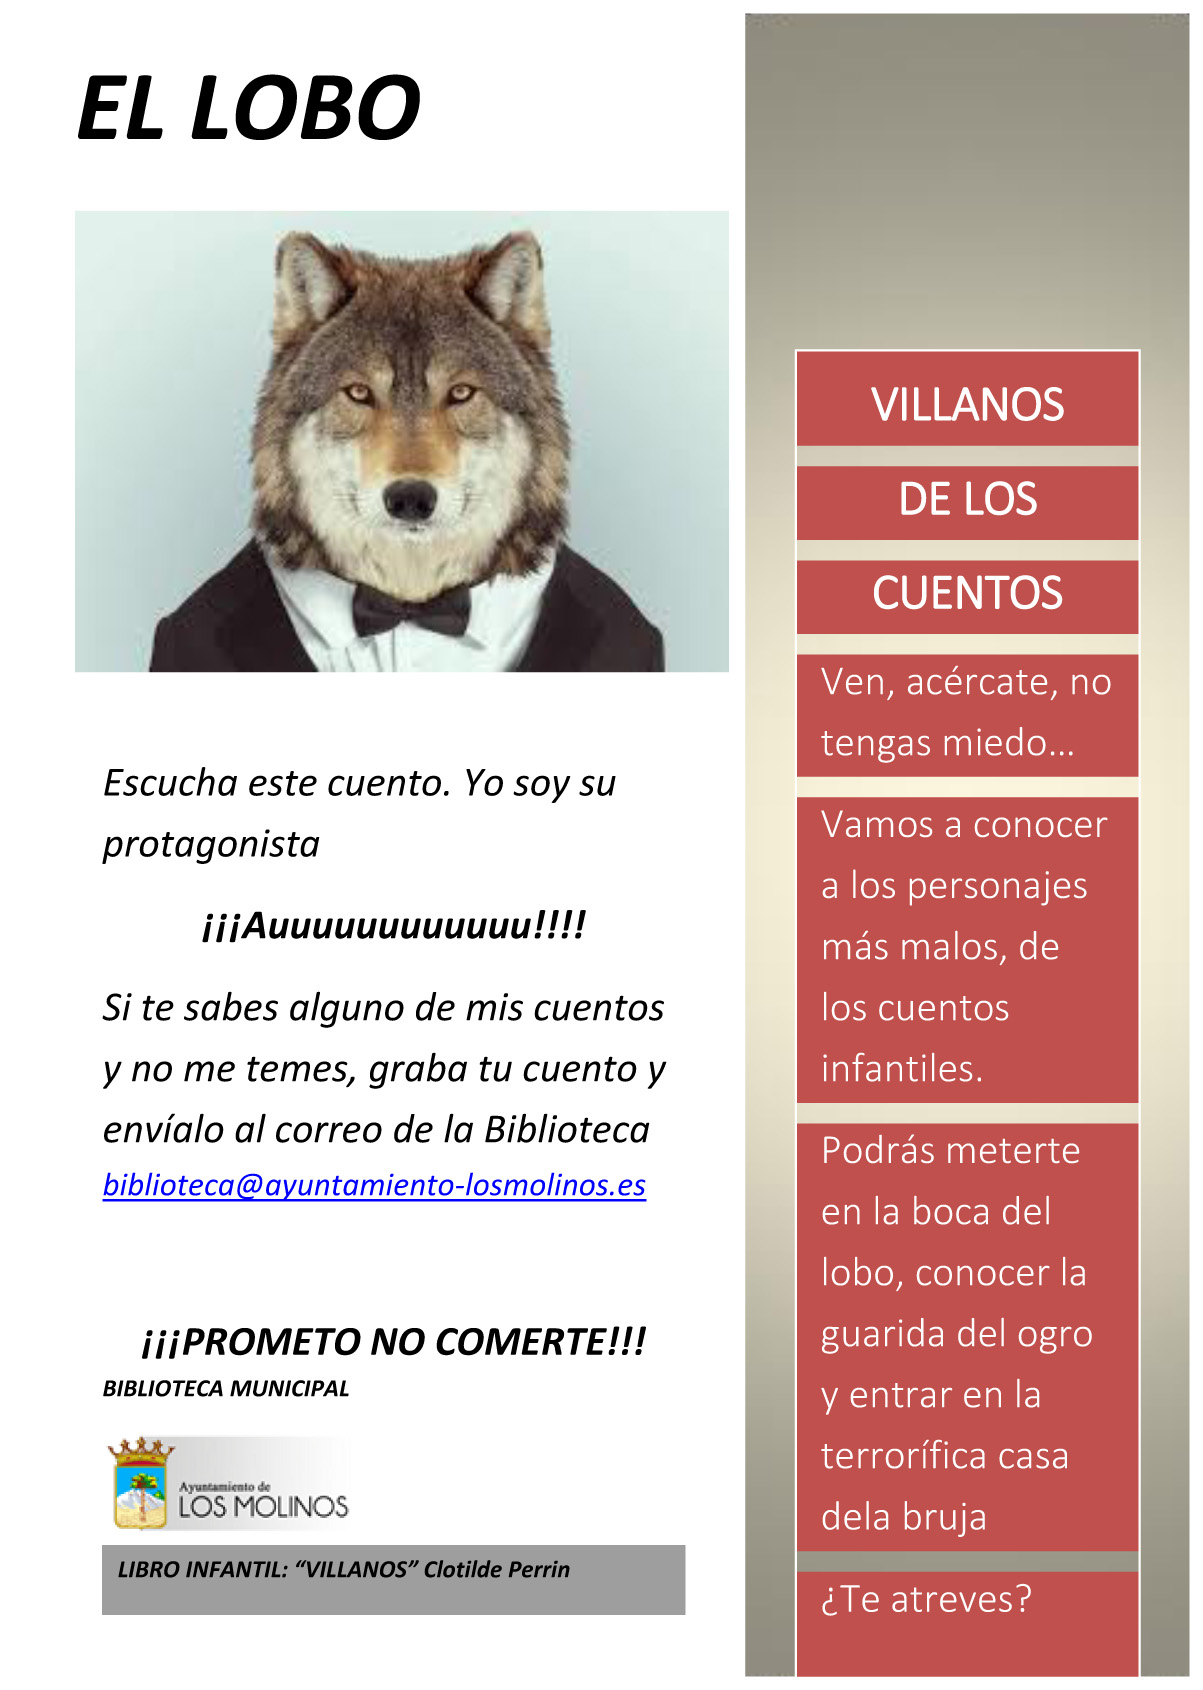 cartel_villanos